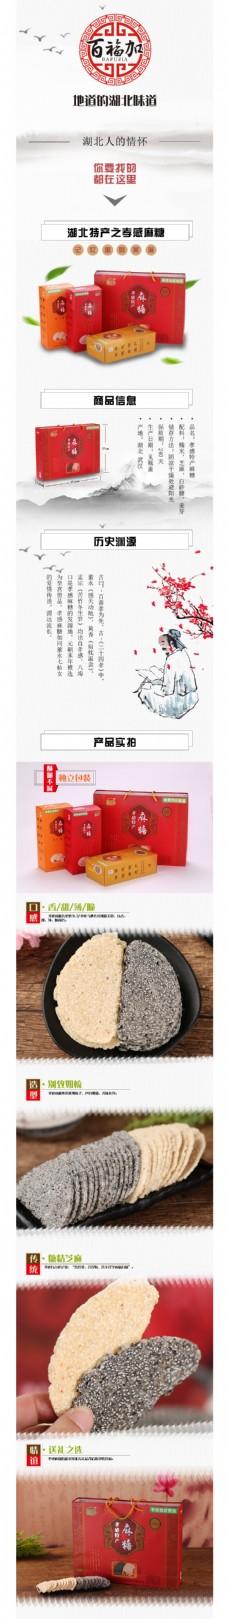 中国风古风简约电商食品茶饮淘宝详情页